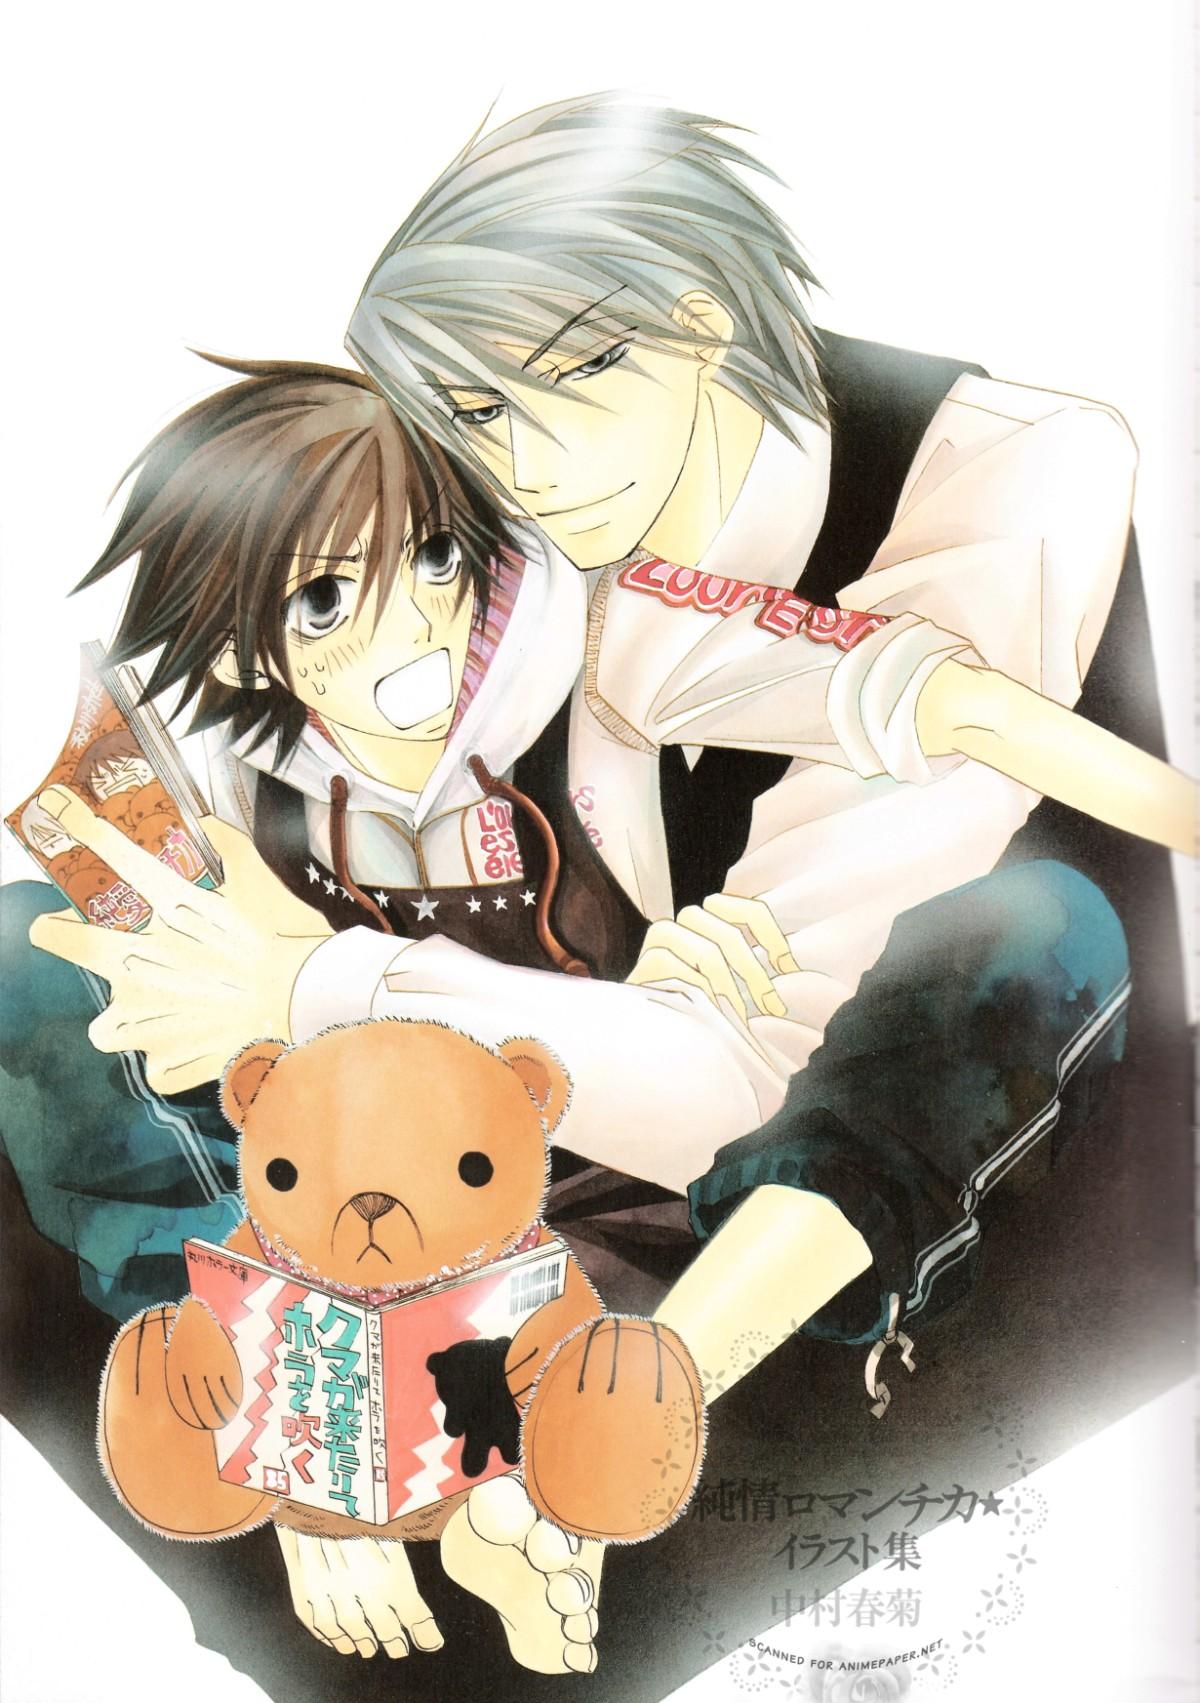 Junjou Romantica   page 11 of 20 - Zerochan Anime Image Board